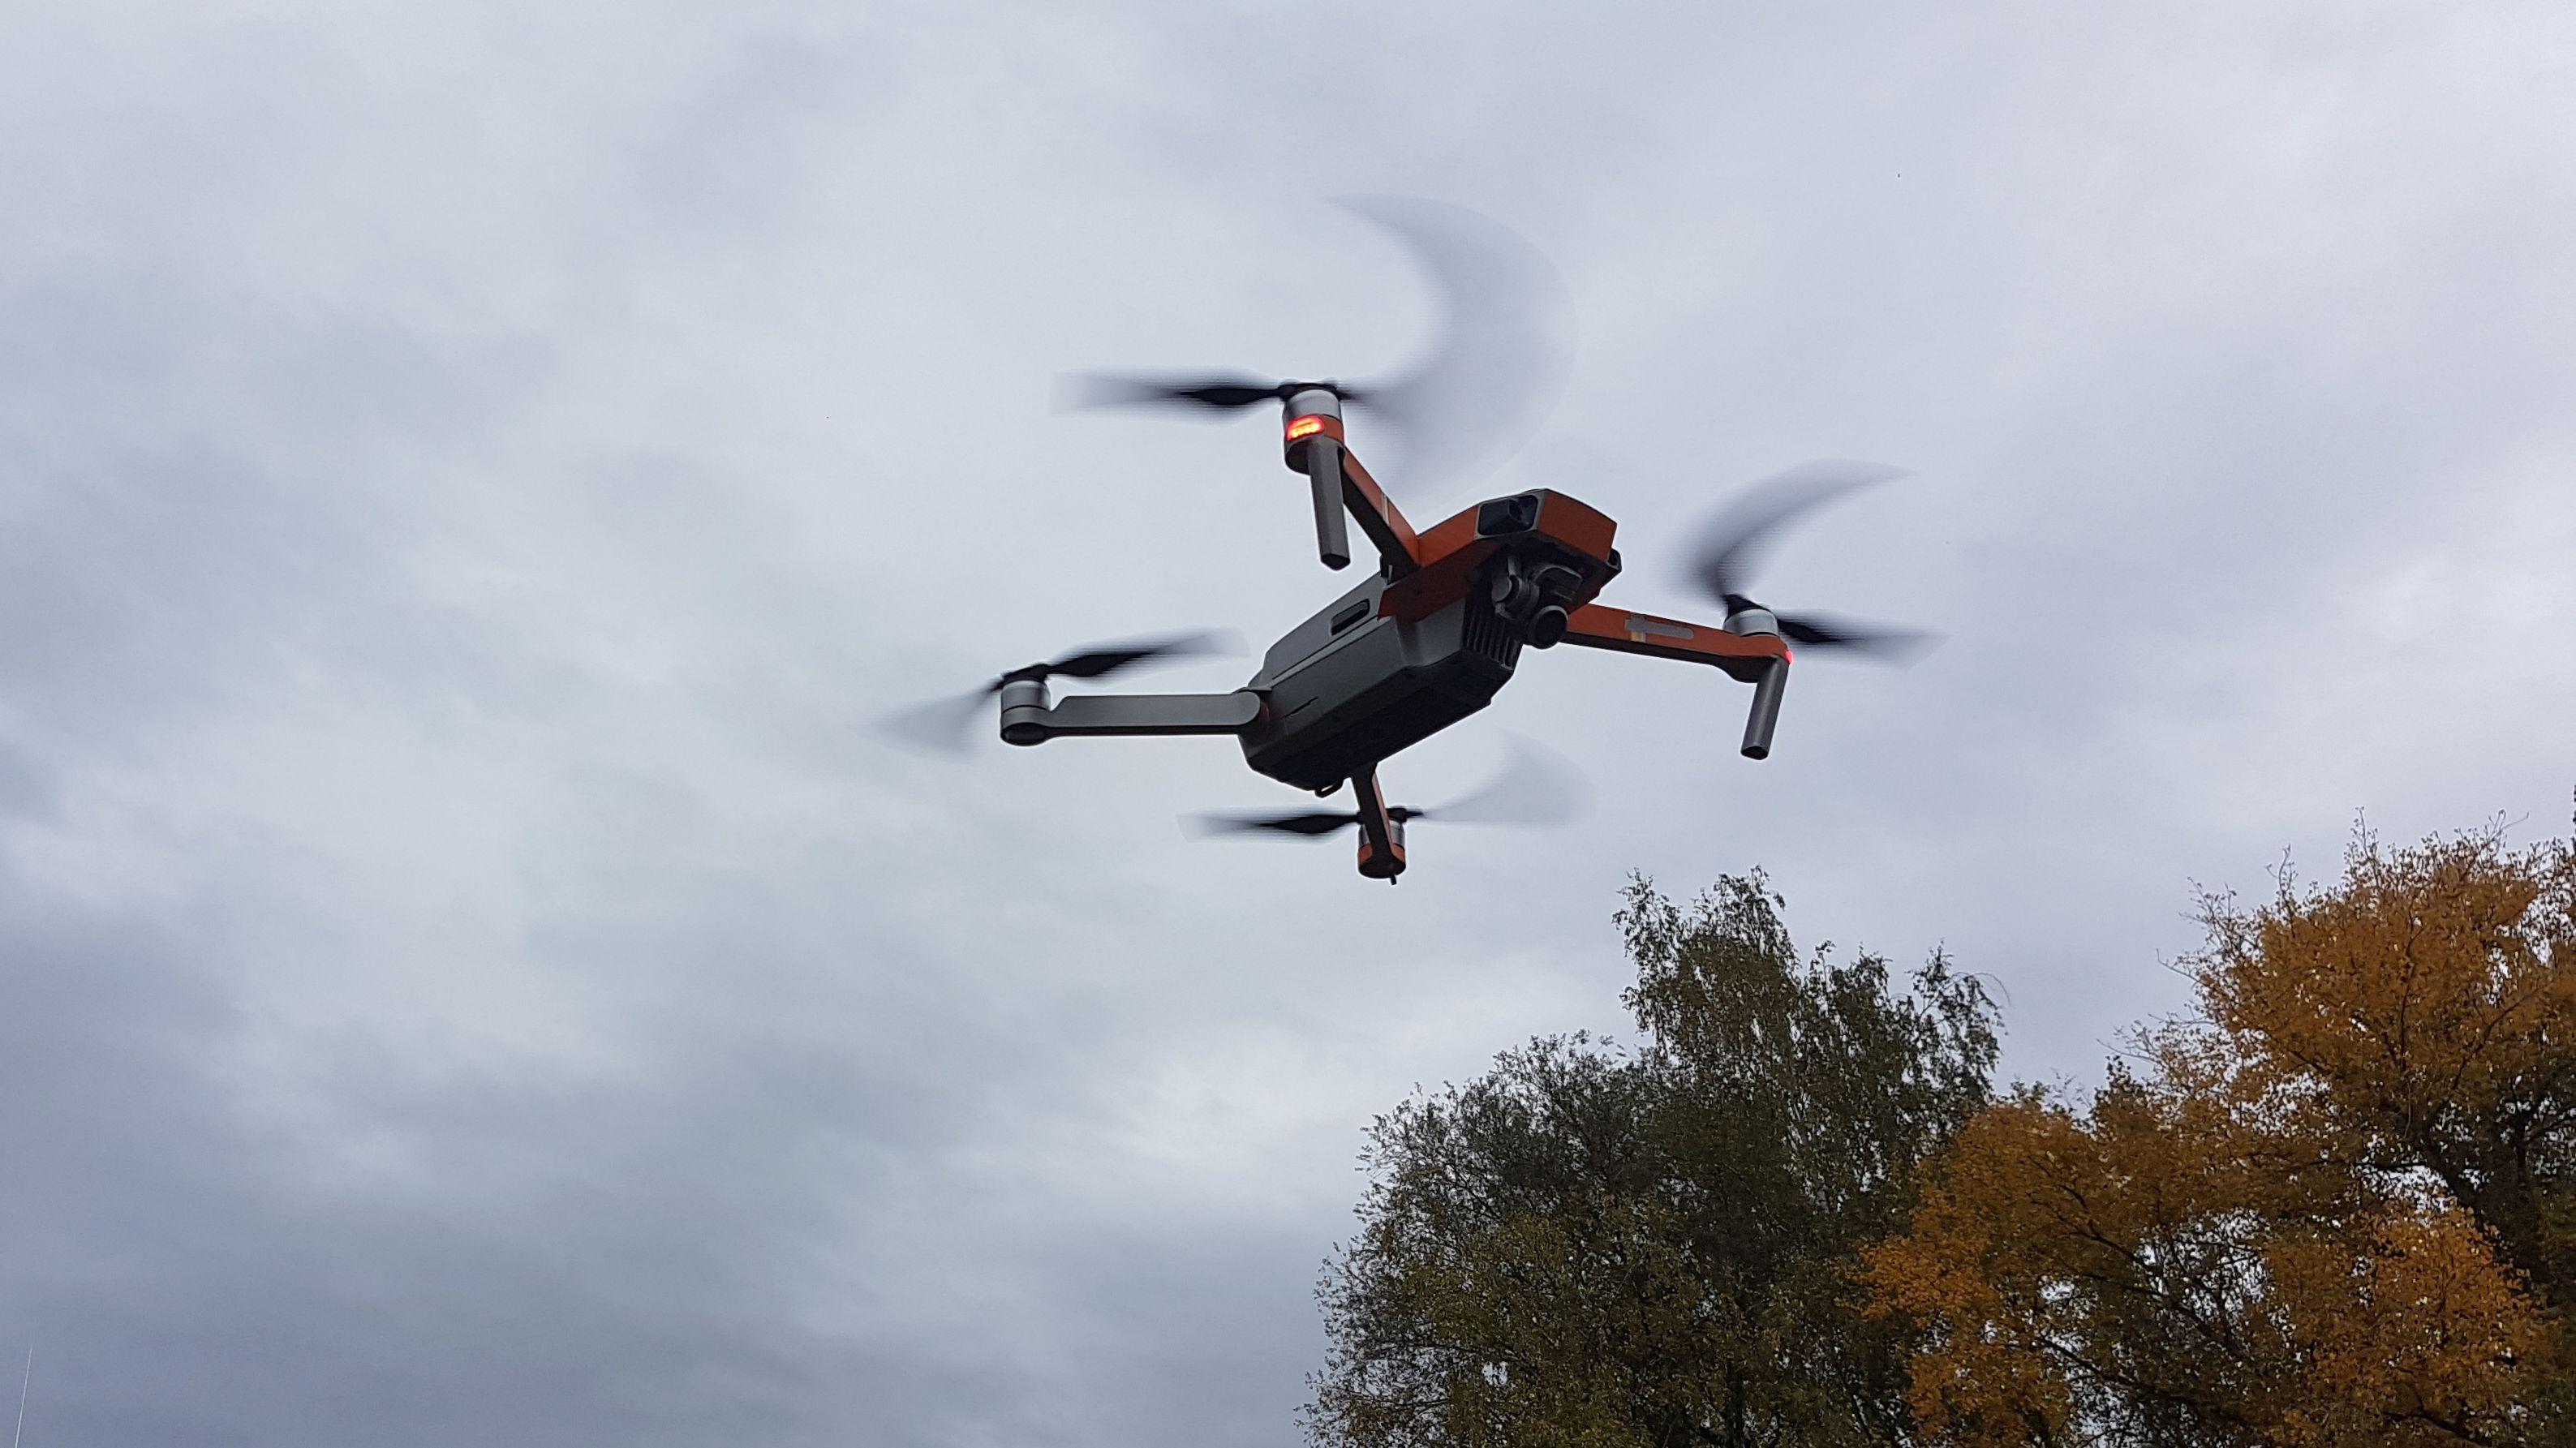 Eine Drohne schwebt am Himmel.